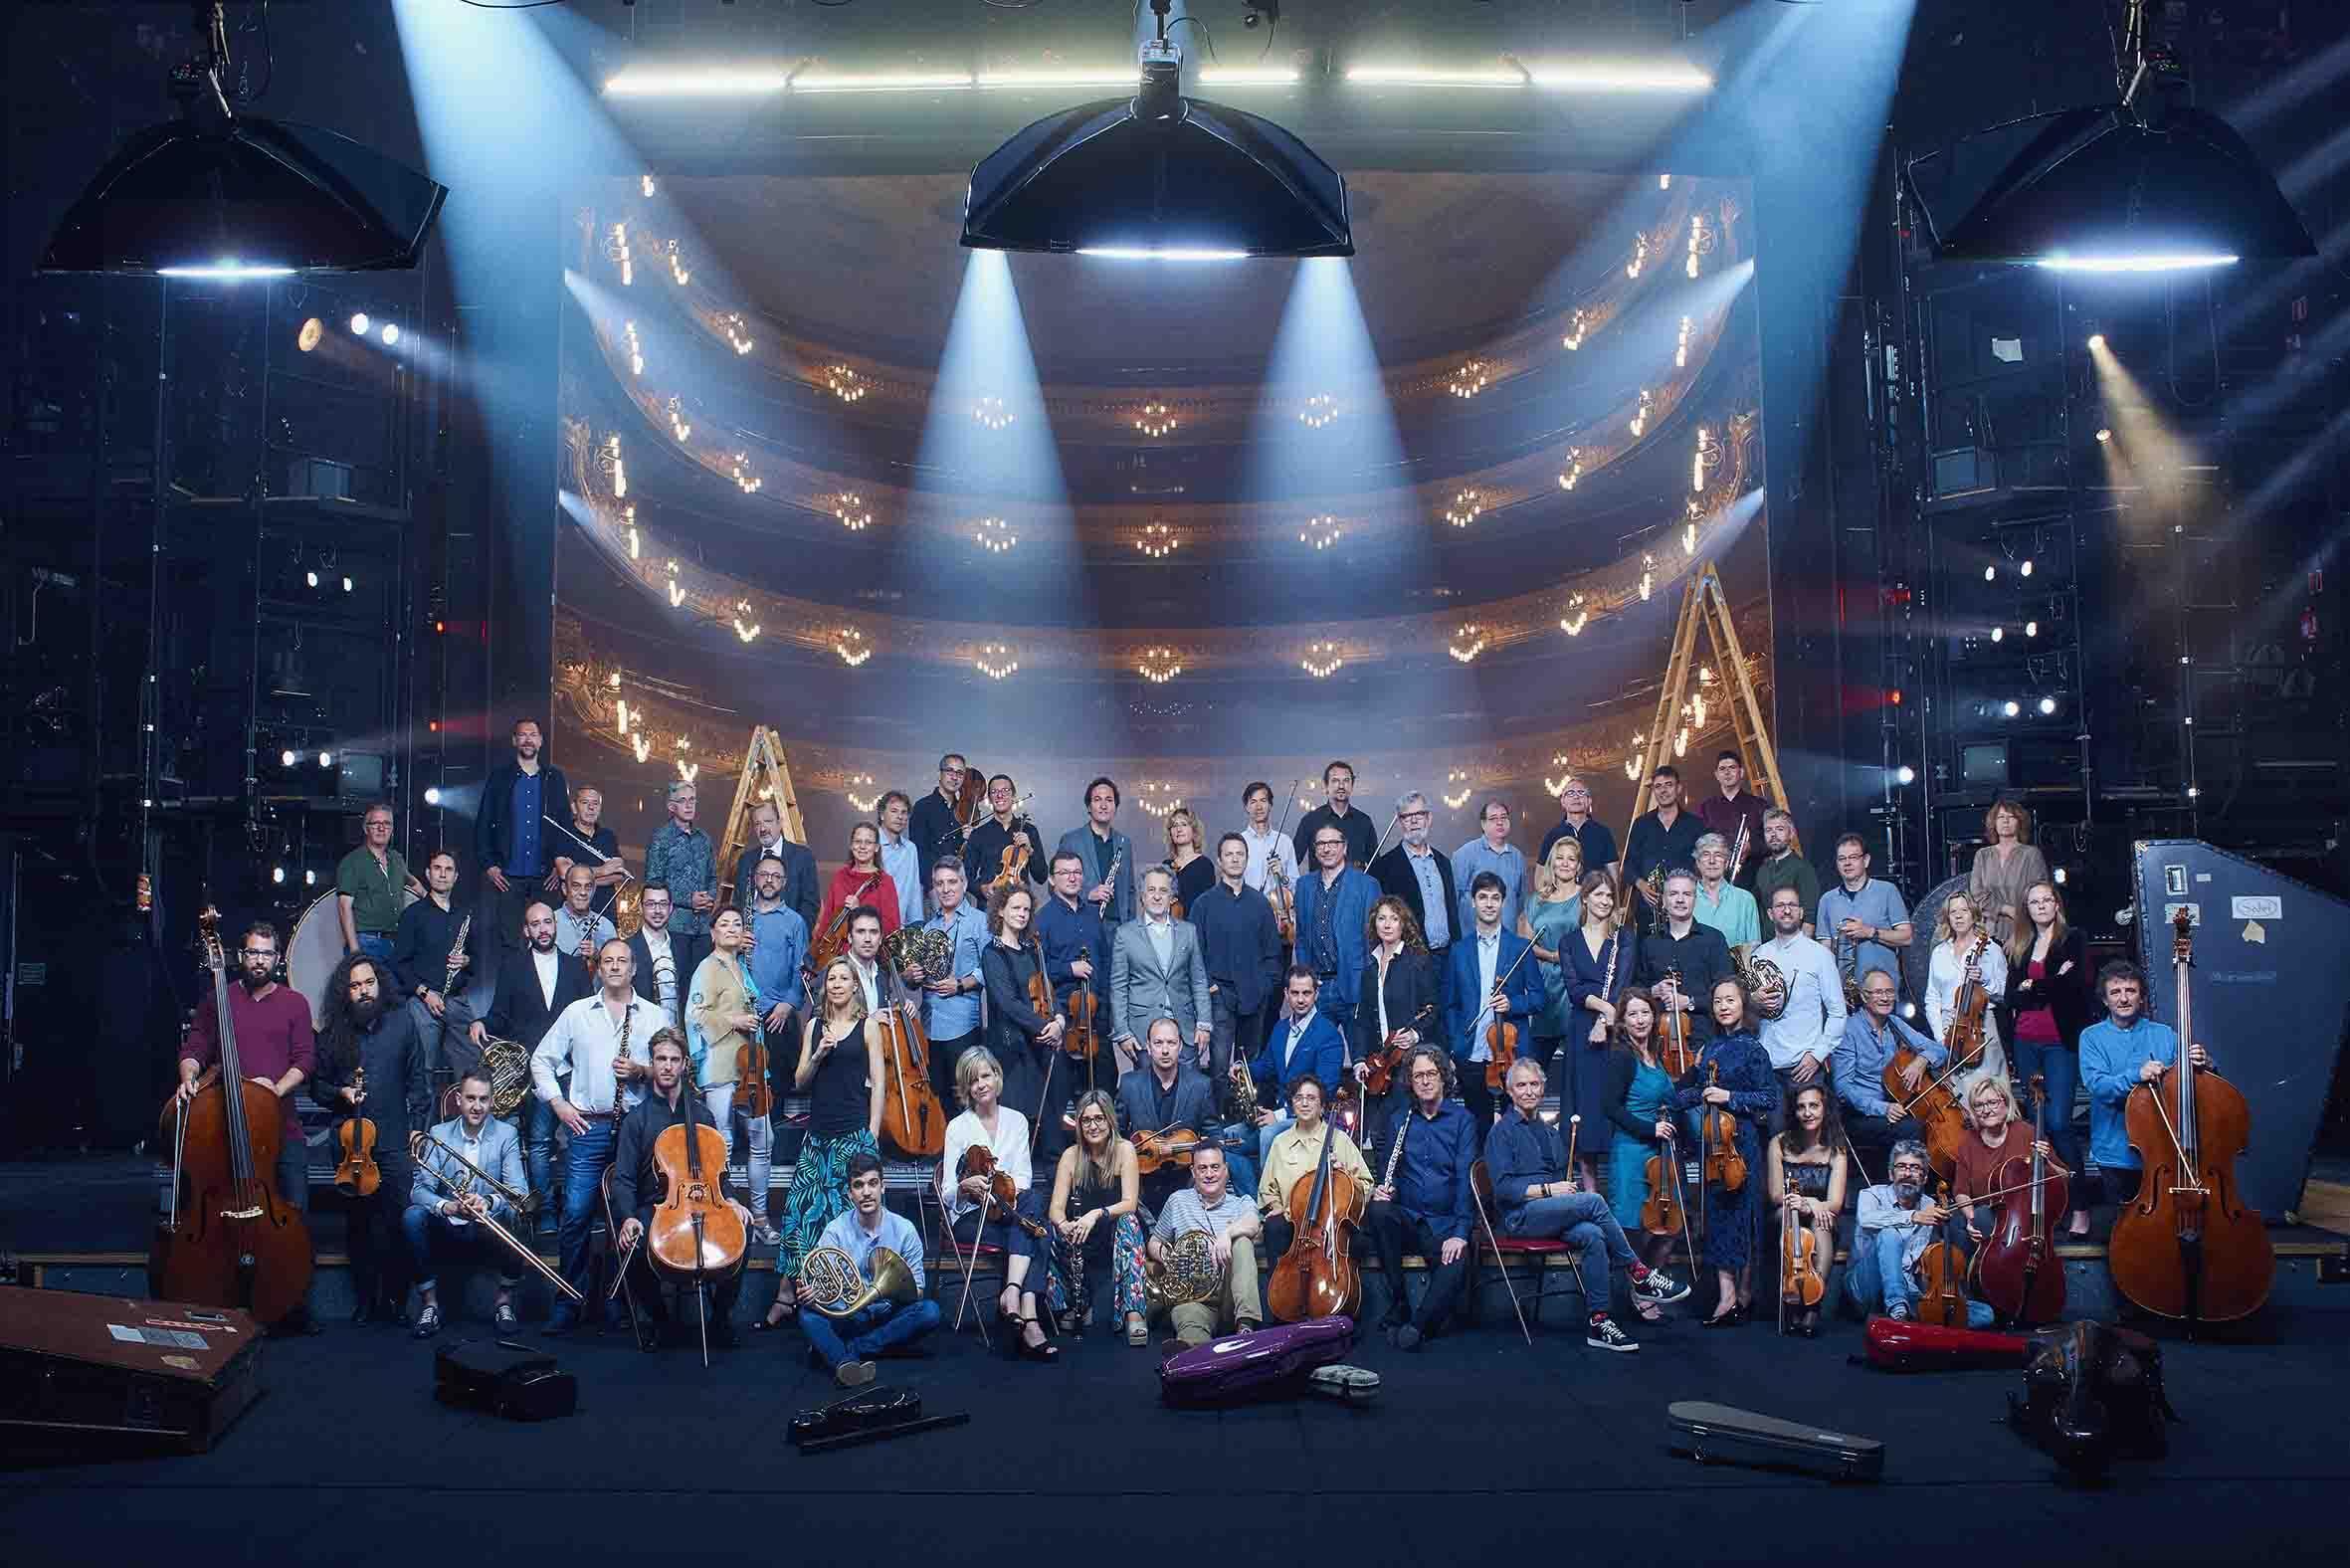 Orquestra Simfònica del Gran Teatre del LiceuE